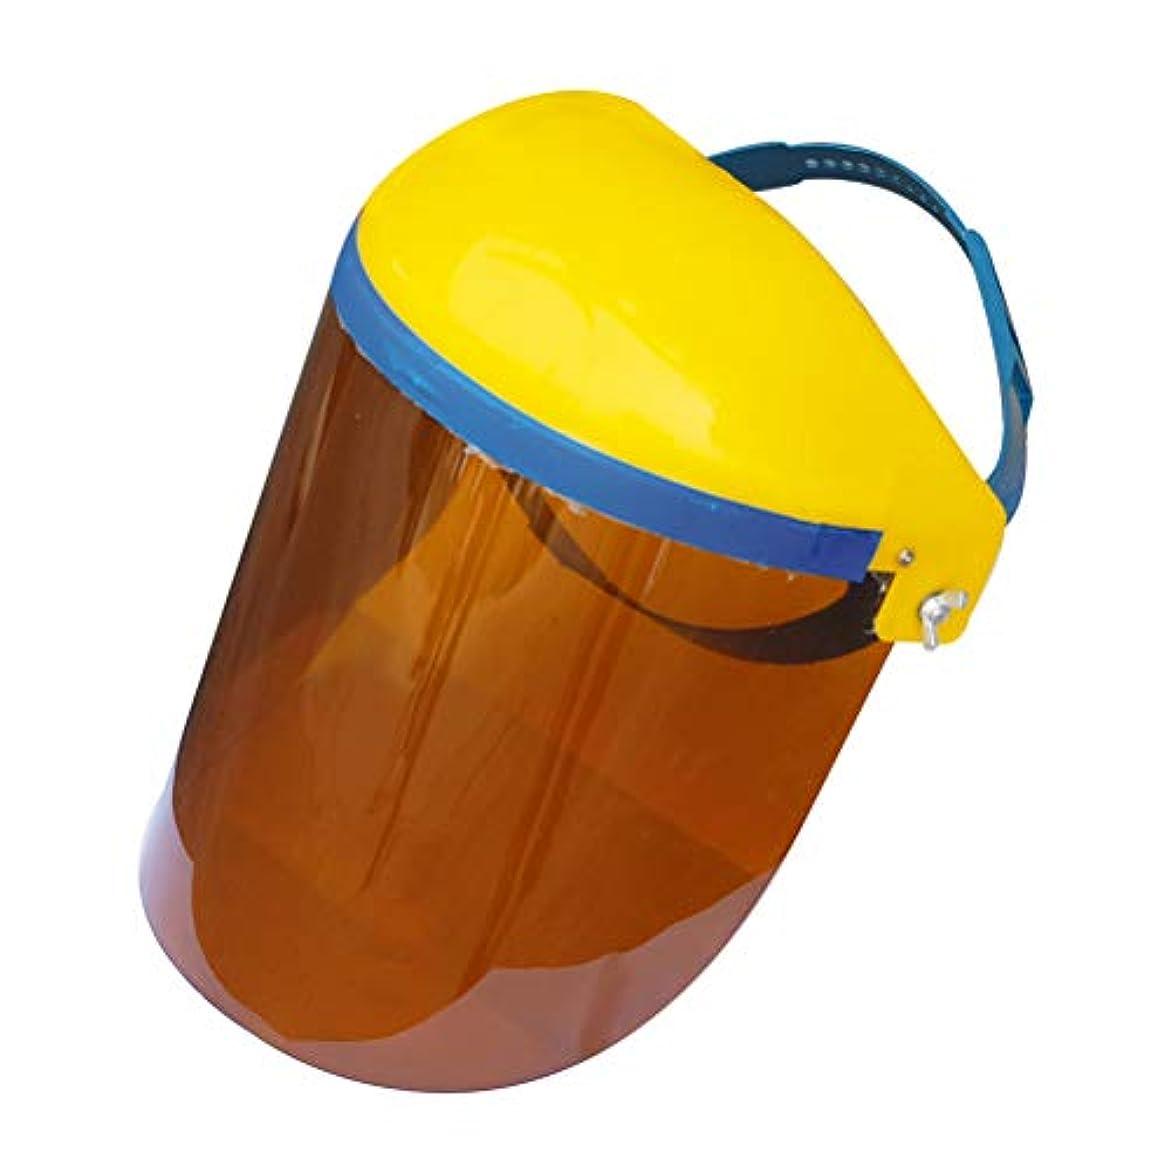 BESTONZON キッチン調理両面防曇防油スプラッシュクリアフェイスマスクフェイスシールドプロテクター(ブラウン)